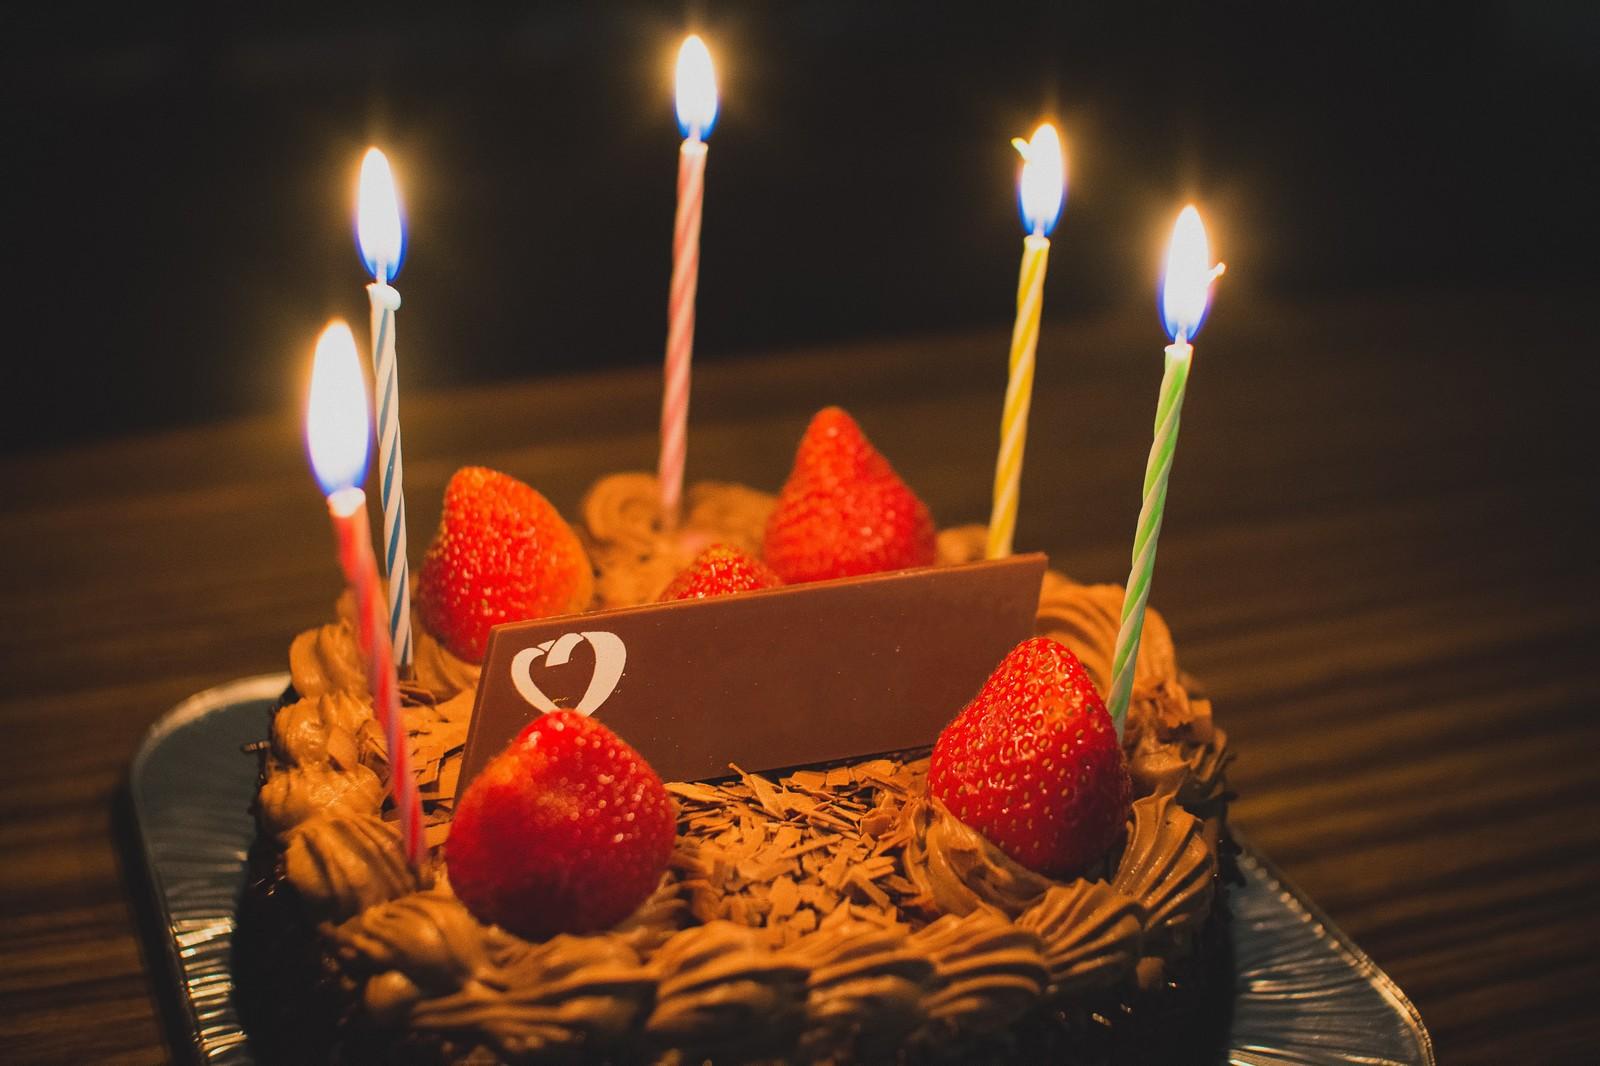 皇寿とはの祝いは101歳?111歳?|ことば検定5月1日